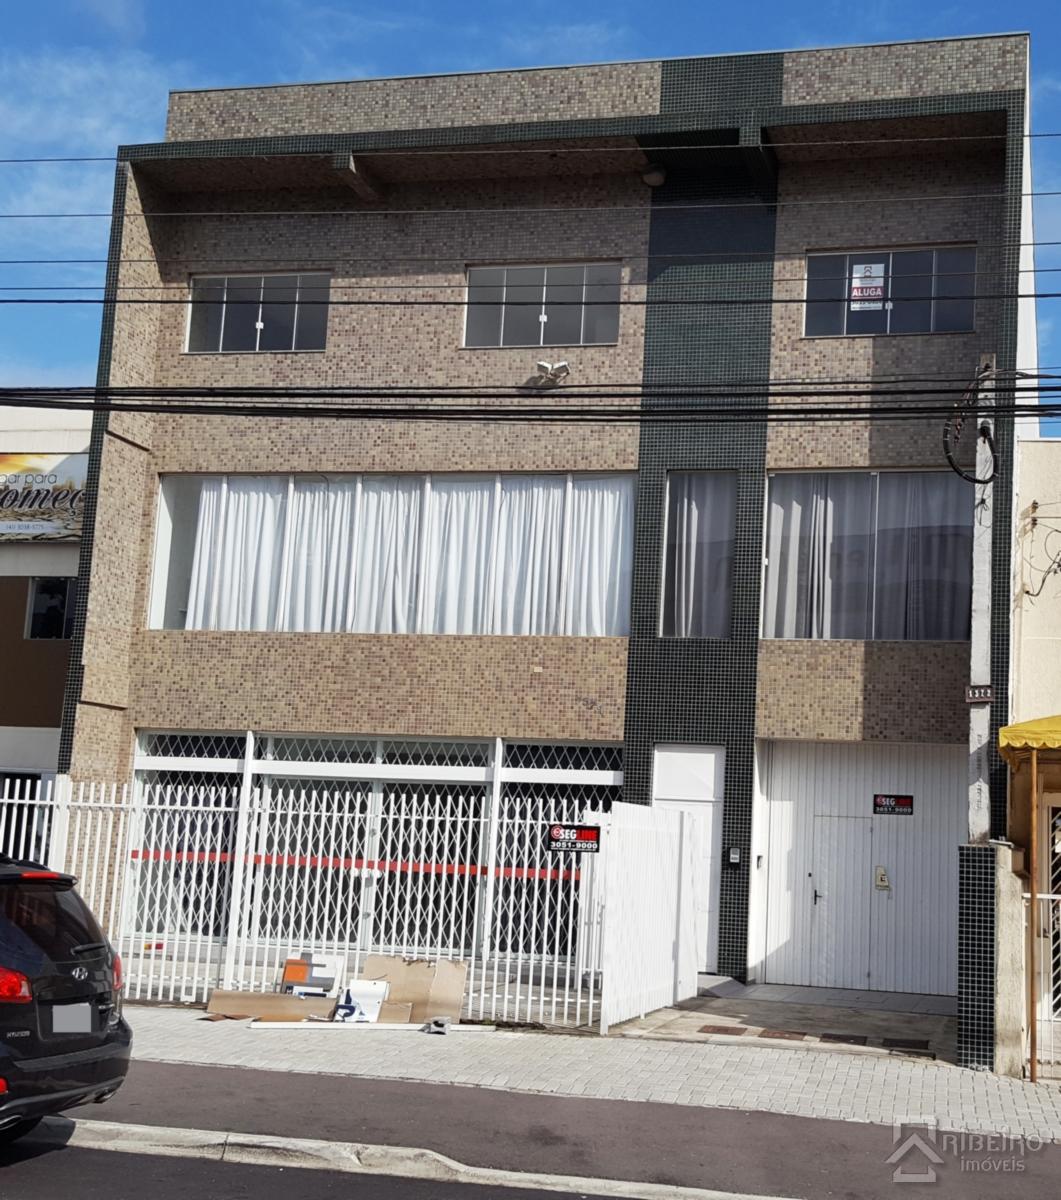 REF. 2439 -  São José Dos Pinhais - Rua  Joaquim Nabuco, 1372 - Apto 07